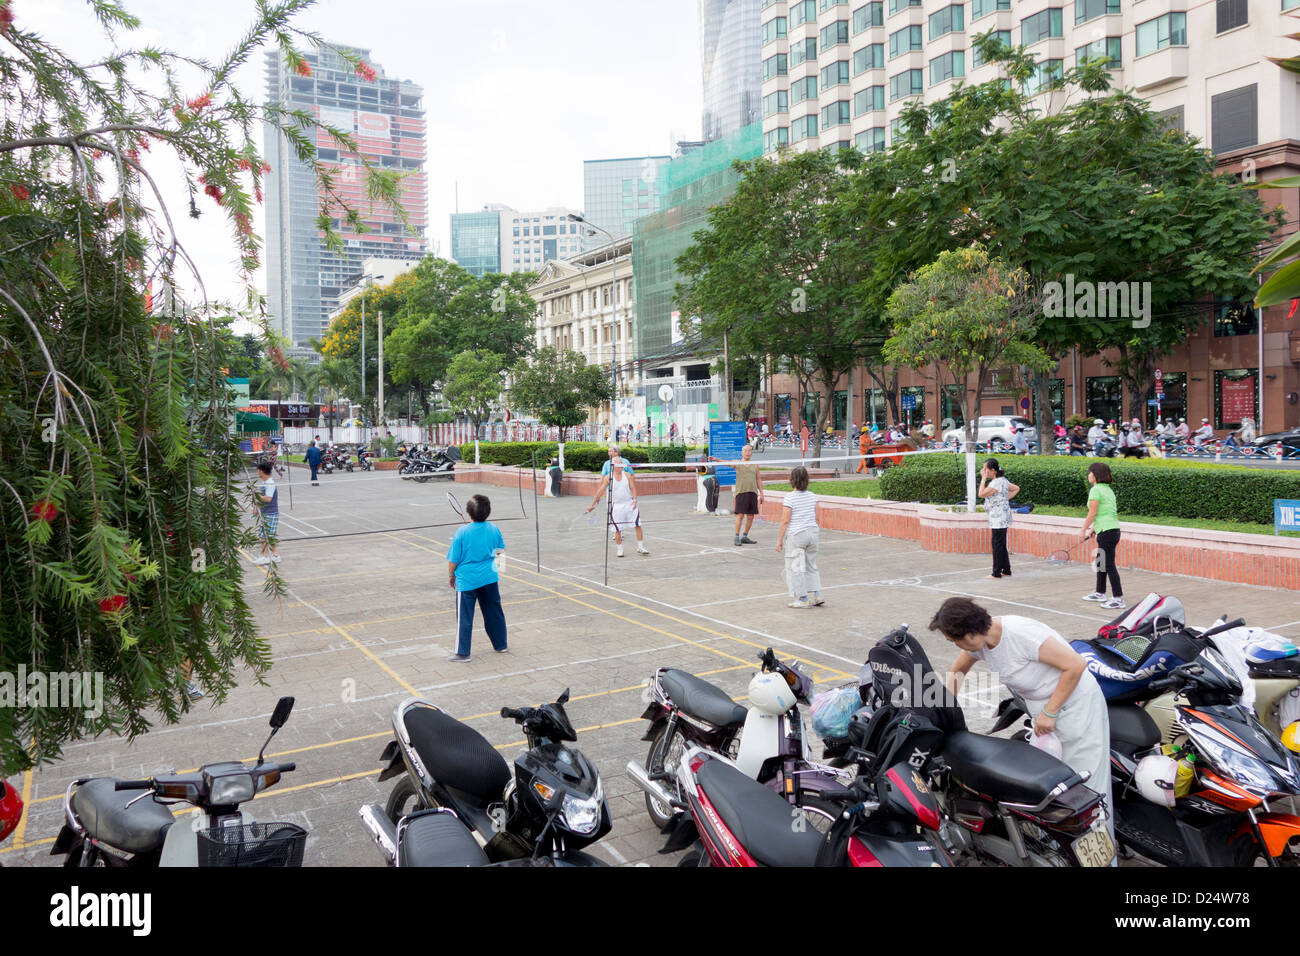 La mattina presto badminton vicino fiume Saigon in downtown; Ho Chi Minh City; Vietnam Immagini Stock